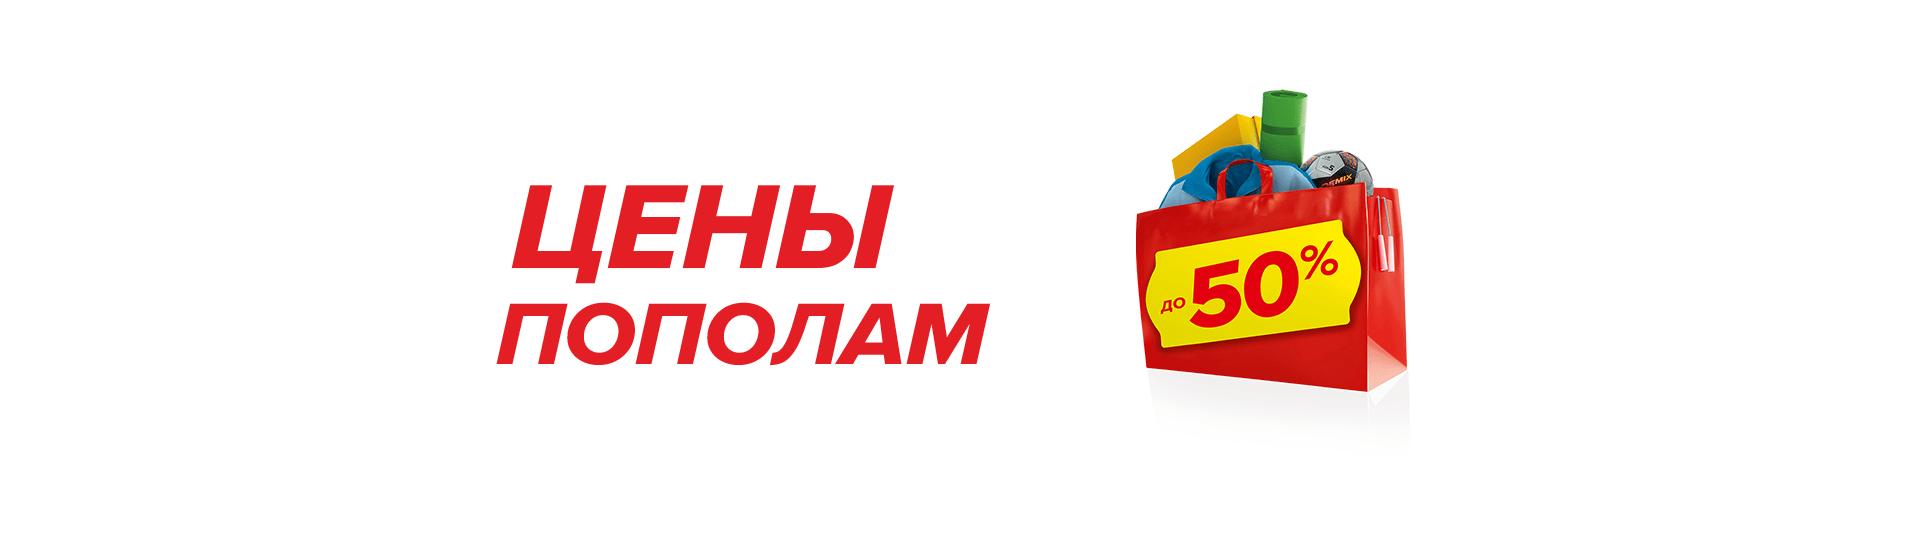 80490051e Спортмастер - сеть спортивных магазинов.